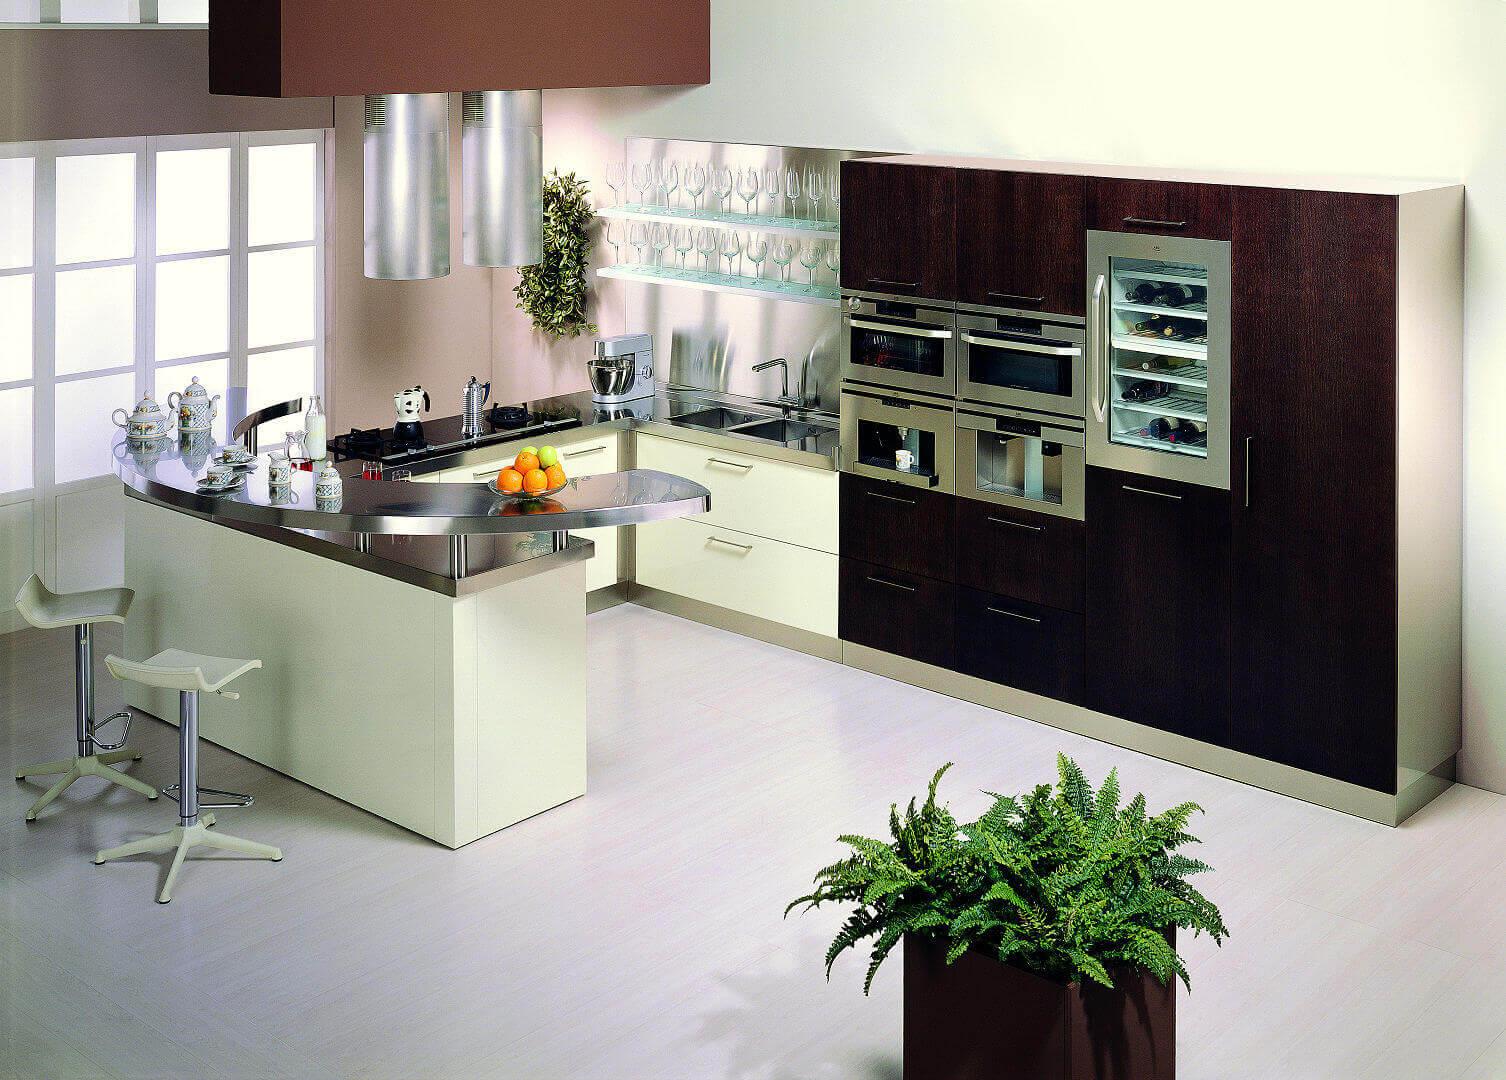 Retunne arca cucine italia cucine in acciaio inox - Cucine in acciaio inox ...